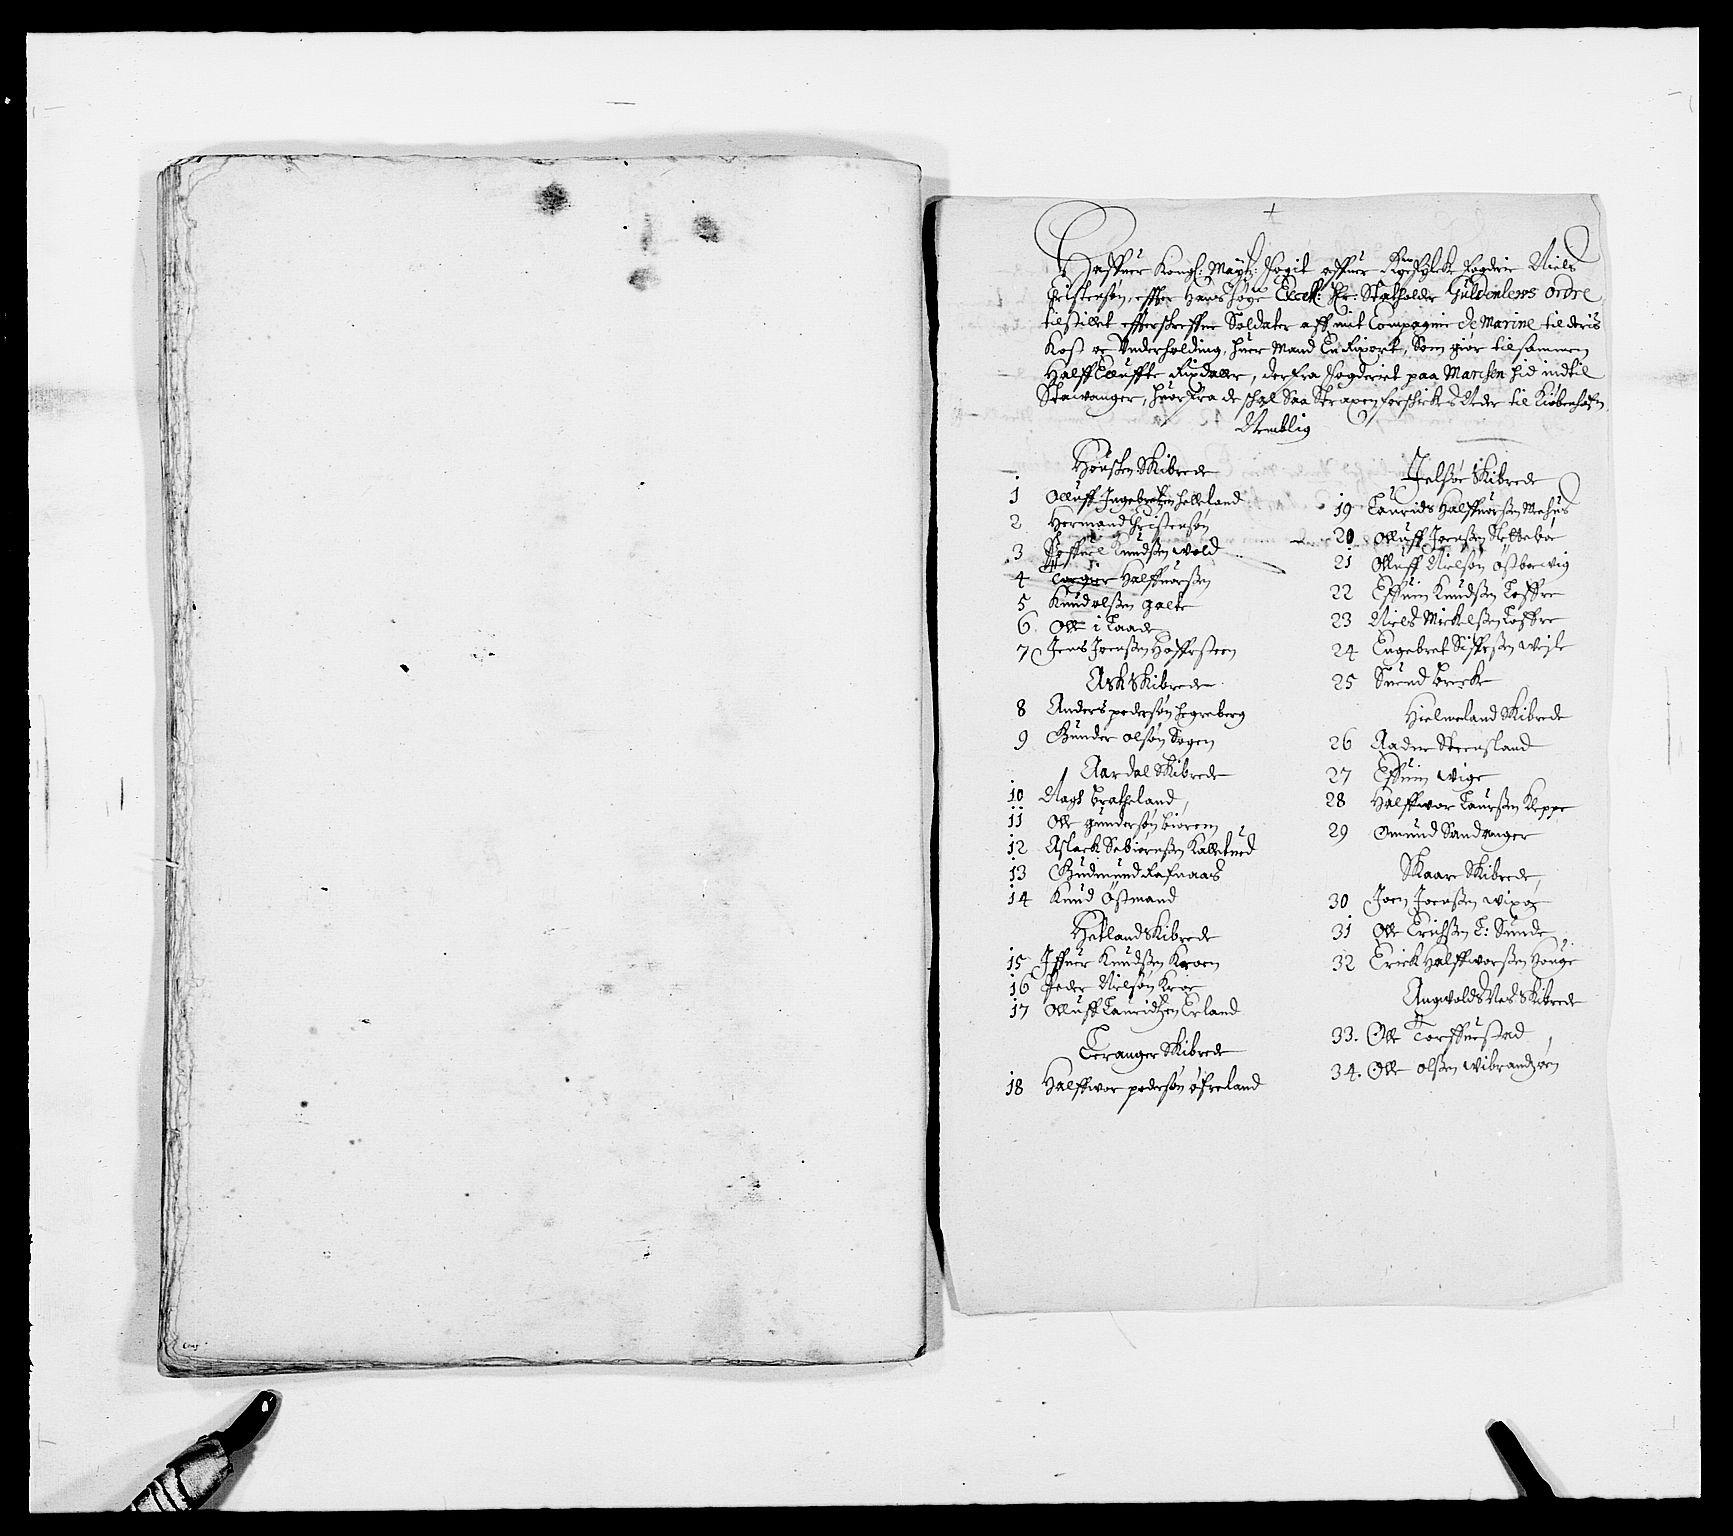 RA, Rentekammeret inntil 1814, Reviderte regnskaper, Fogderegnskap, R47/L2845: Fogderegnskap Ryfylke, 1674-1675, s. 412